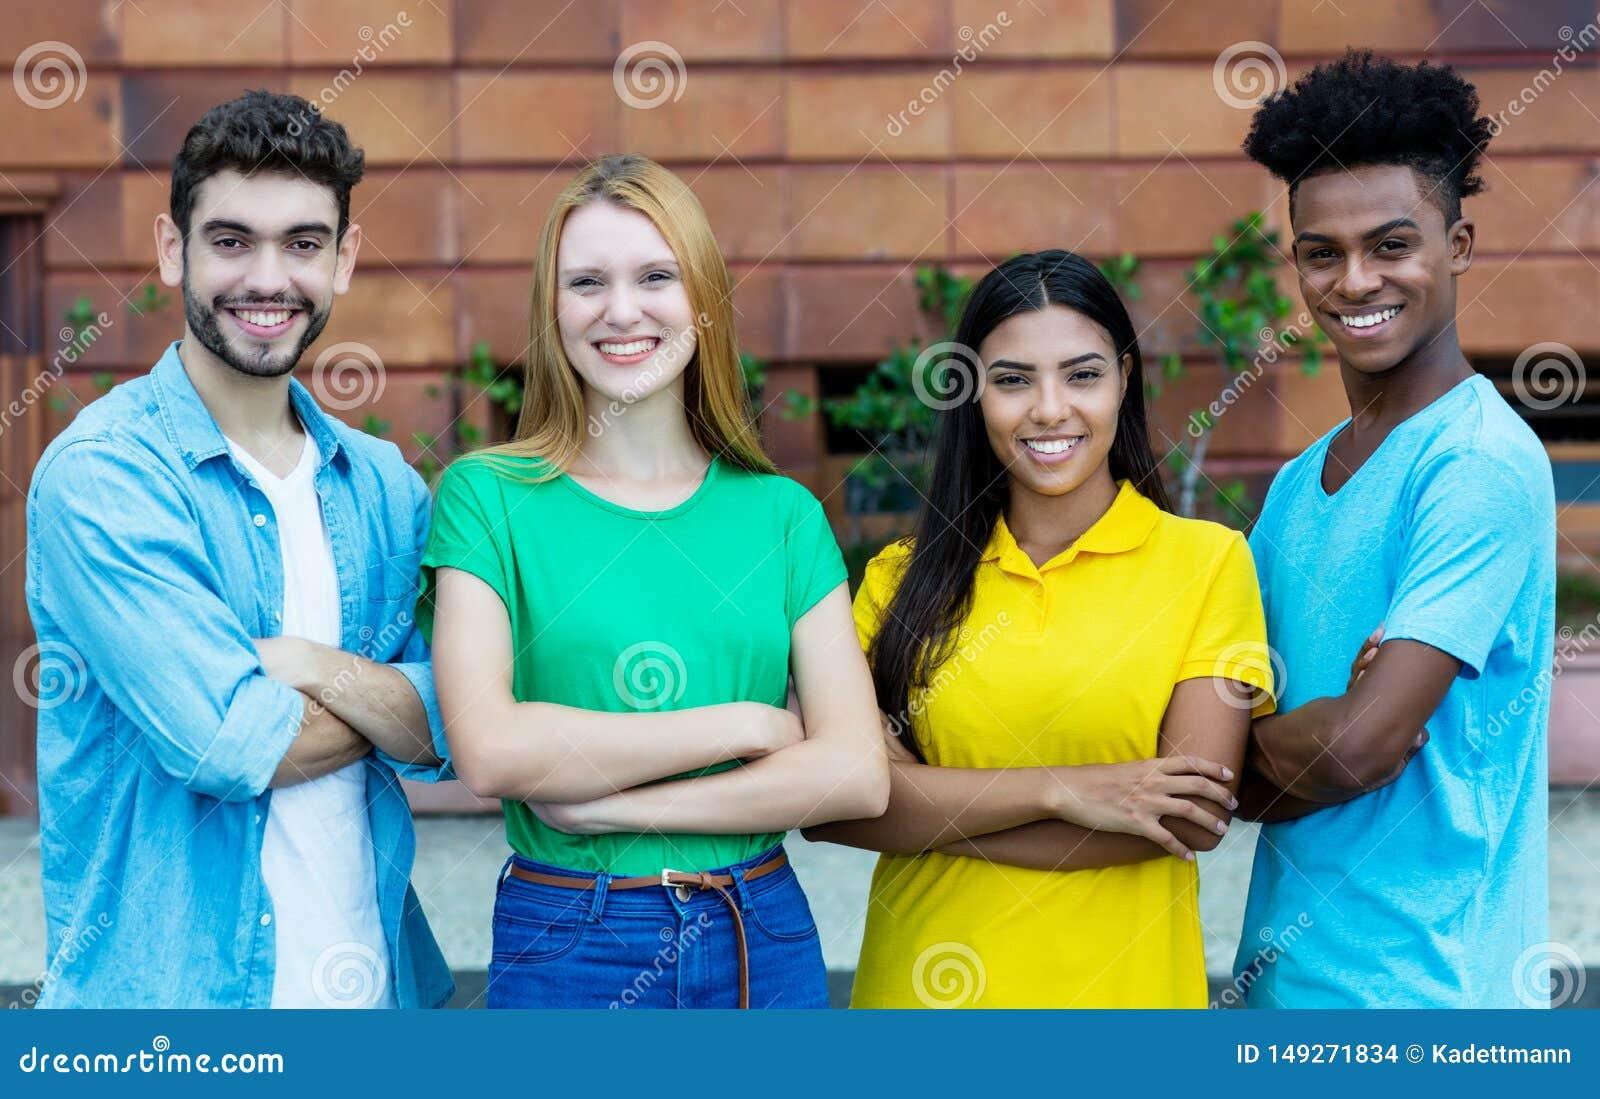 小组四人非裔美国人和拉丁语和白种人年轻成人